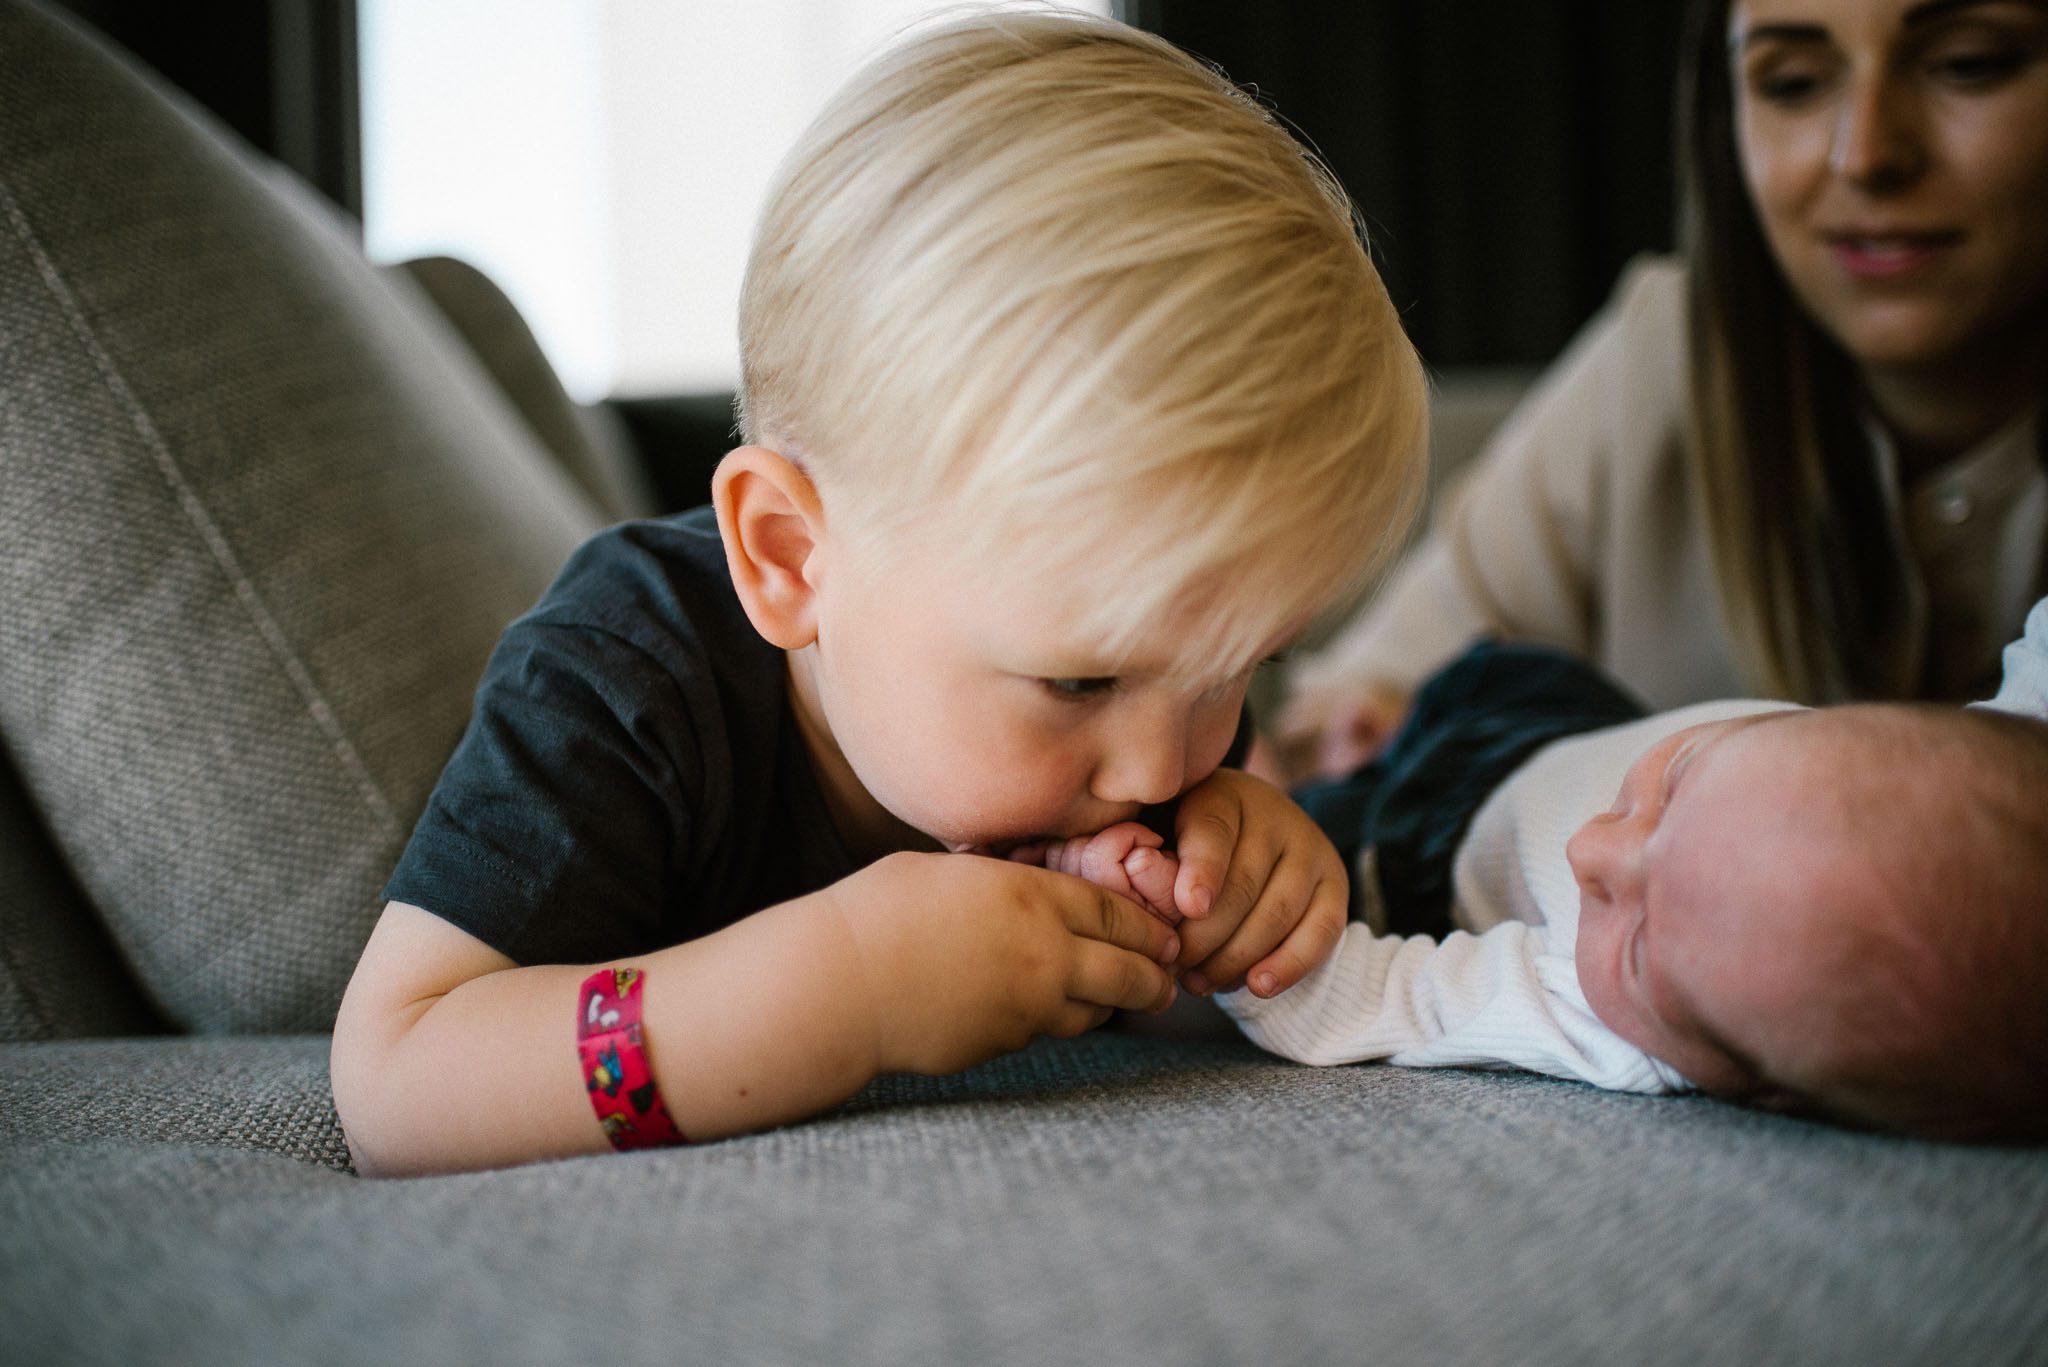 Chłopiec całuje rączkę noworodka - sesja noworodkowa lifestyle w Poznaniu